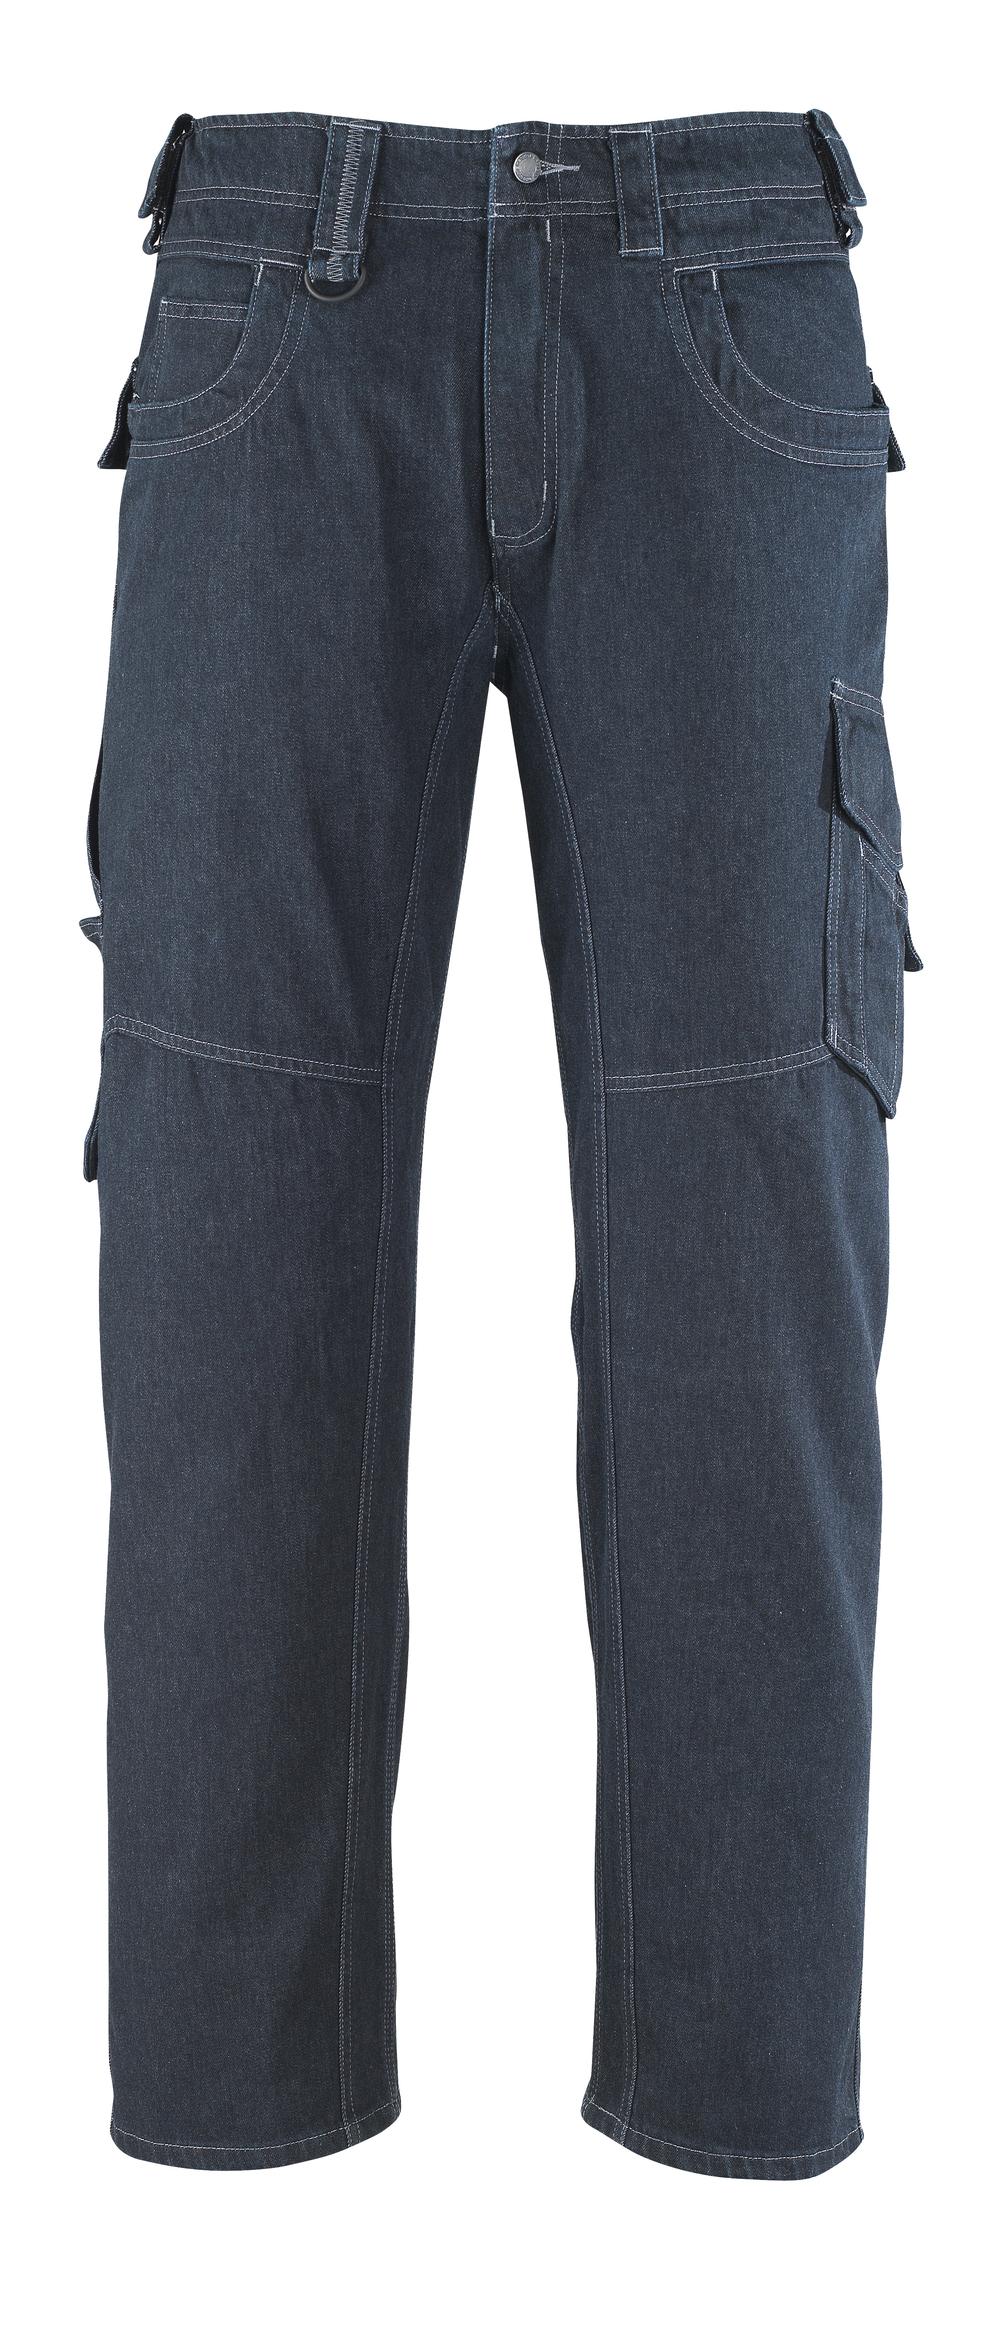 13379-207-B52 Vaqueros con bolsillos de muslo - azul vaquero